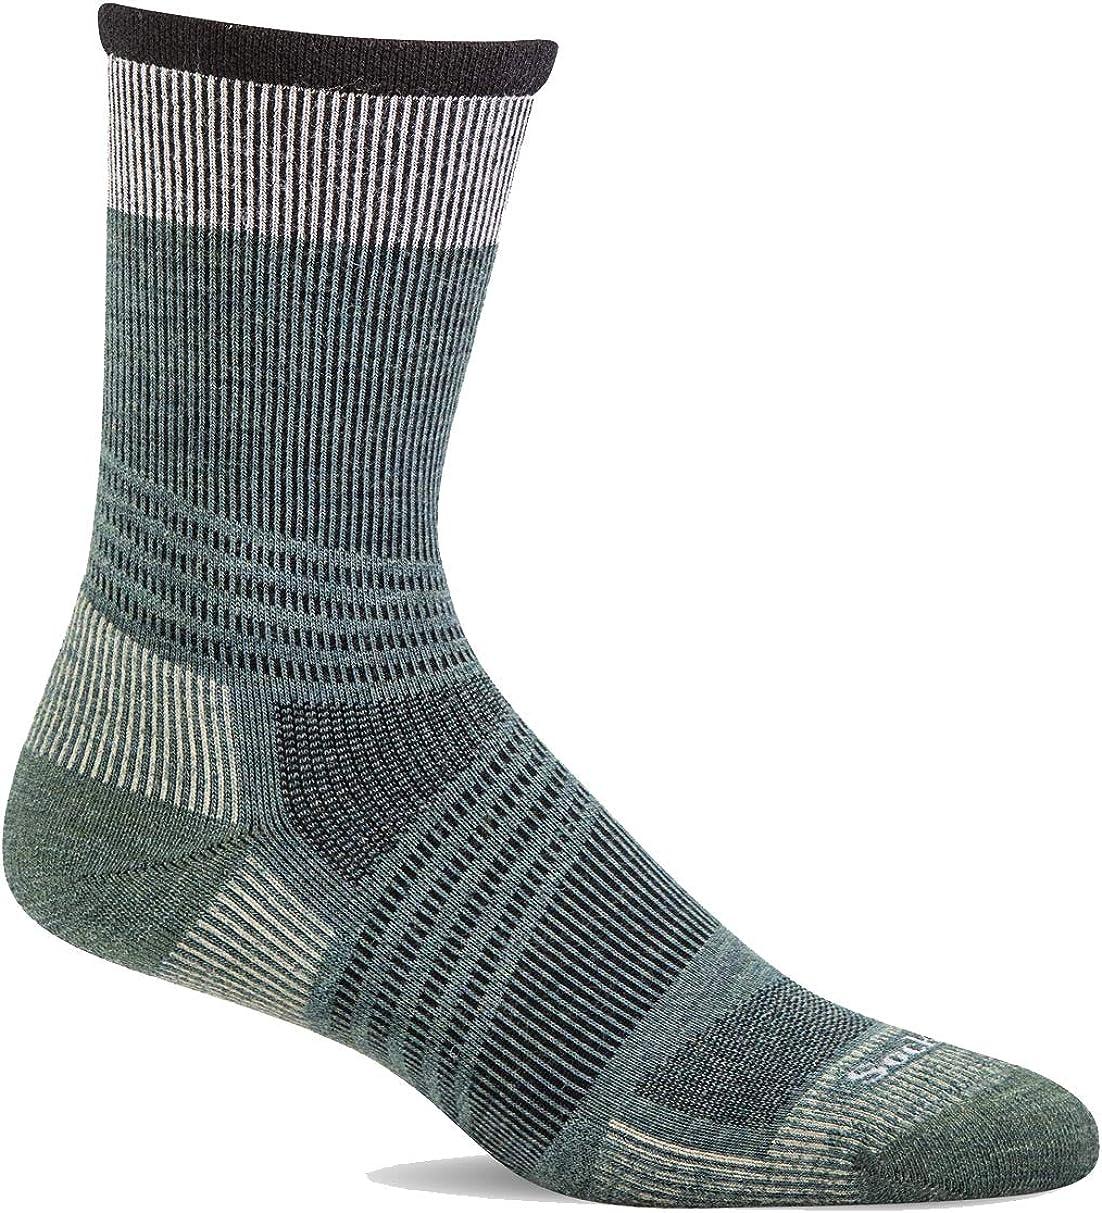 Sockwell Mens Summit Crew II Firm Graduated Compression Sock